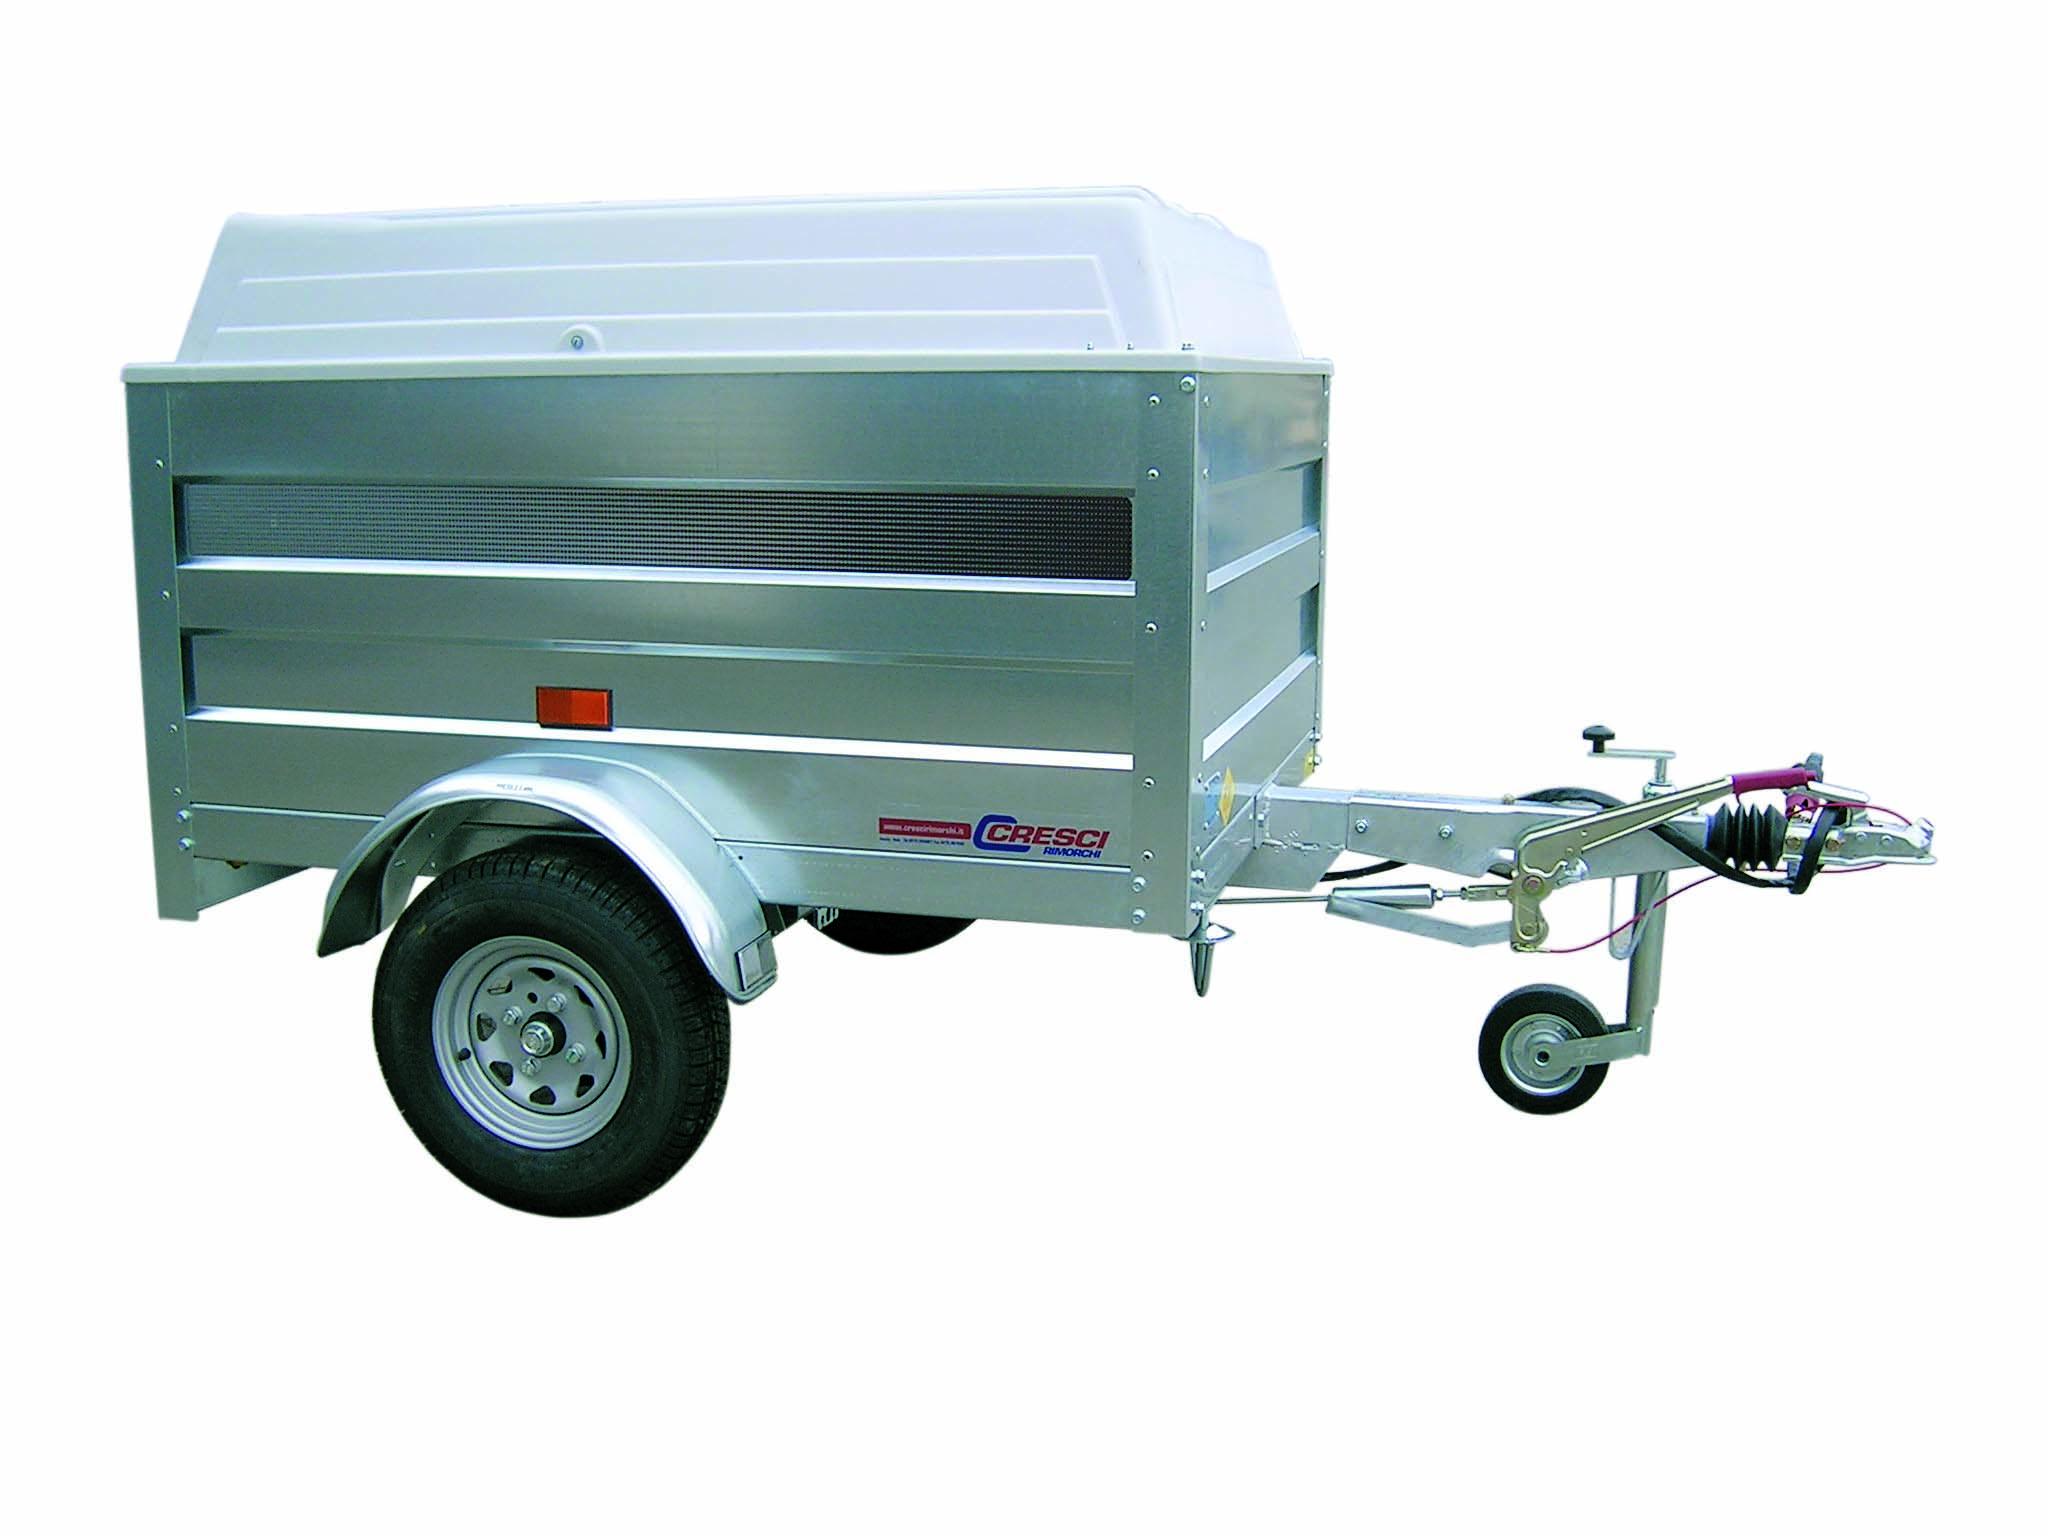 Schema Elettrico Per Carrello Appendice : Pin carrello appendice caravan e camper on pinterest